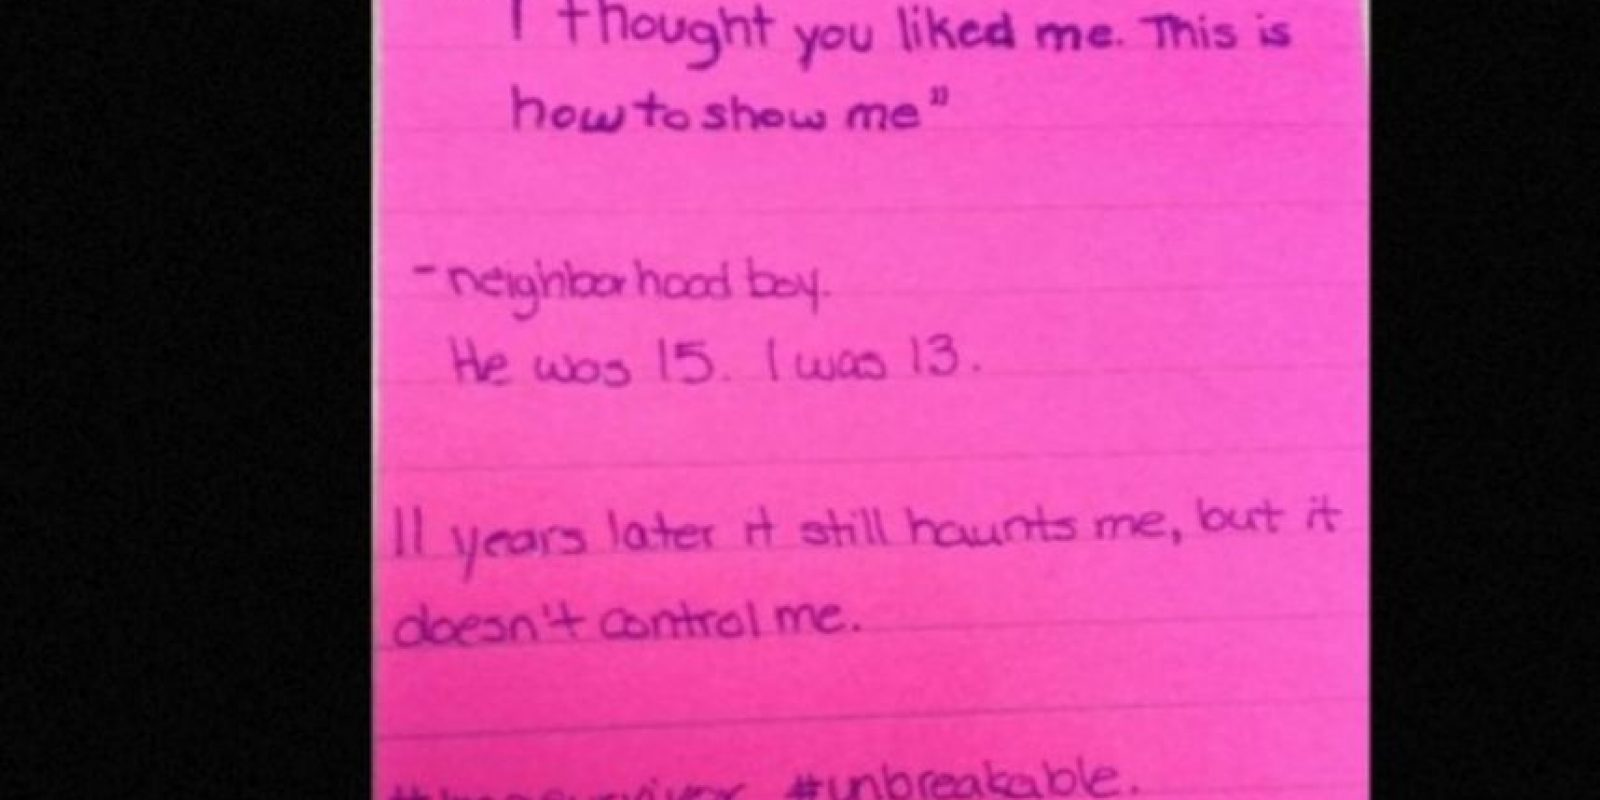 """""""Pensé que yo te gustaba. Esta es la forma de demostrármelo"""": Un vecino. Él tenía 15, yo 13. 11 años después esto aún me persigue, pero no me controla. Foto:Project Unbreakable"""